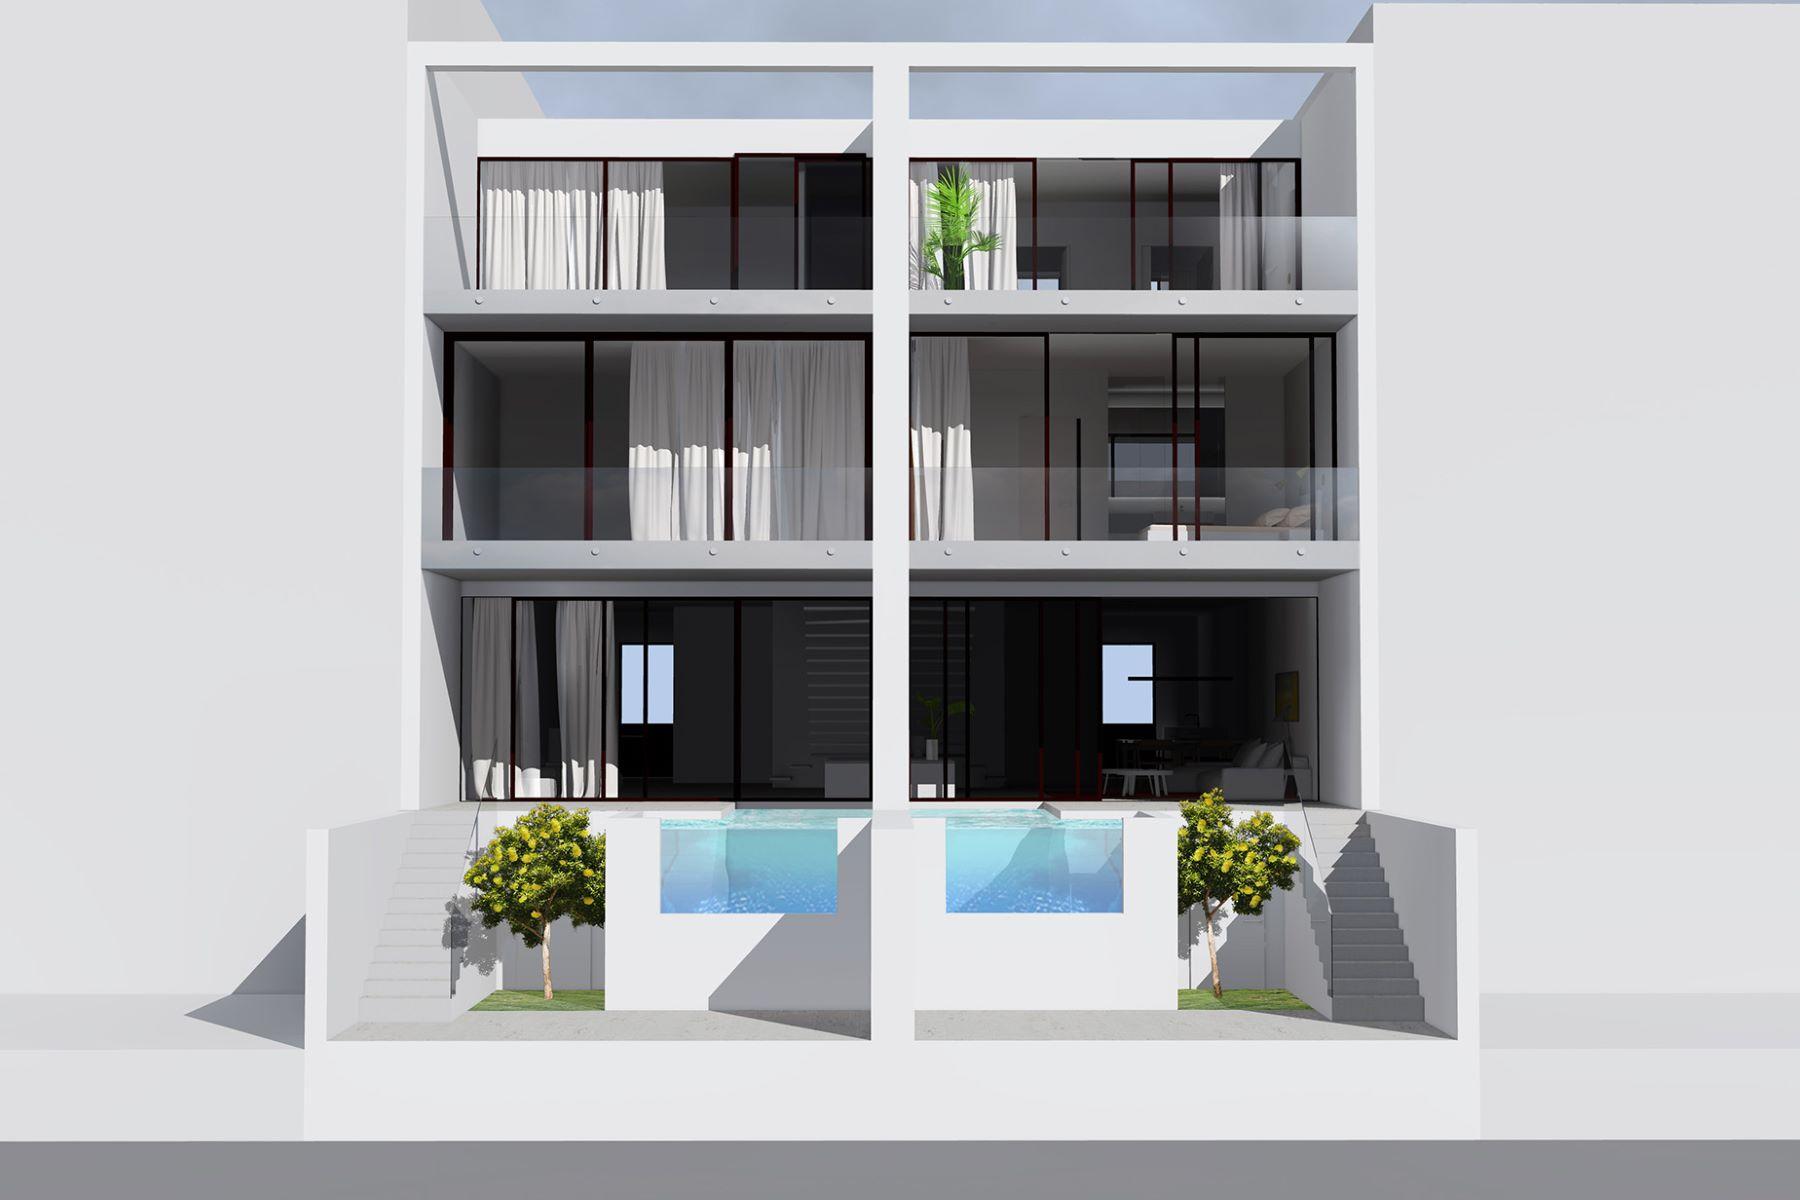 独户住宅 为 销售 在 Houses under construction, modern, good high quality, near the center and be ... 布拉瓦, 科斯塔布拉瓦, 17487 西班牙